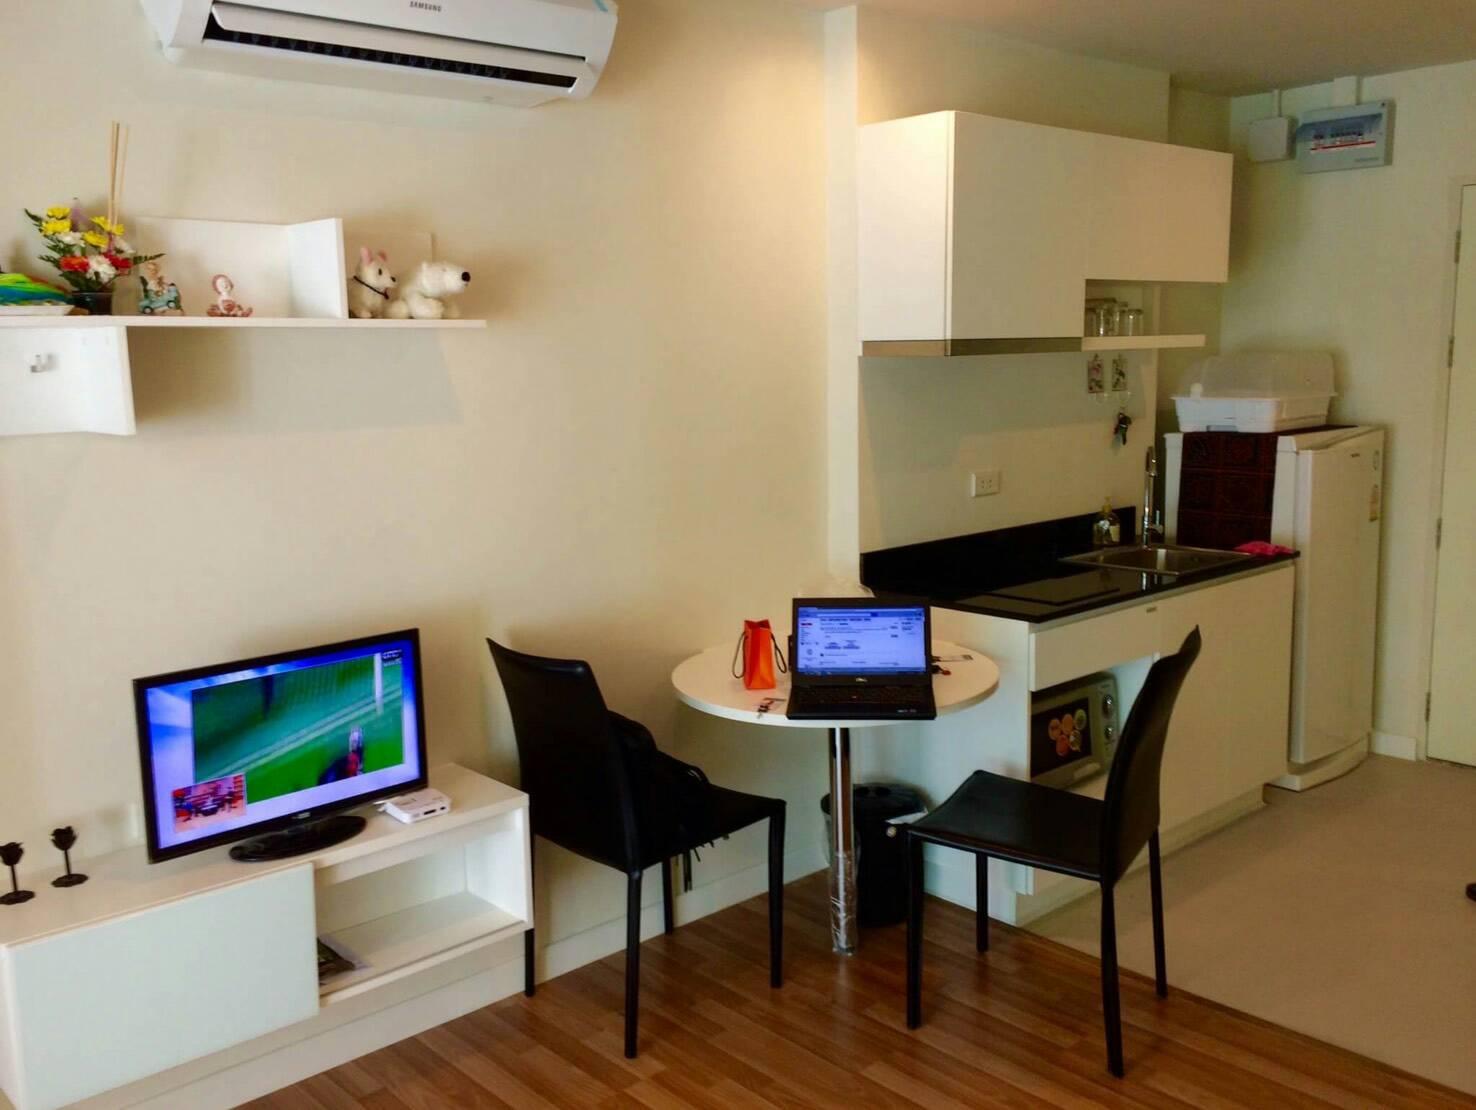 ให้เช่าคอนโด วี คอนโด เอกมัย – รามอินทรา WE CONDO Ekkamai-Ramintra ห้อง1 bedroom 1 ห้องน้ำ